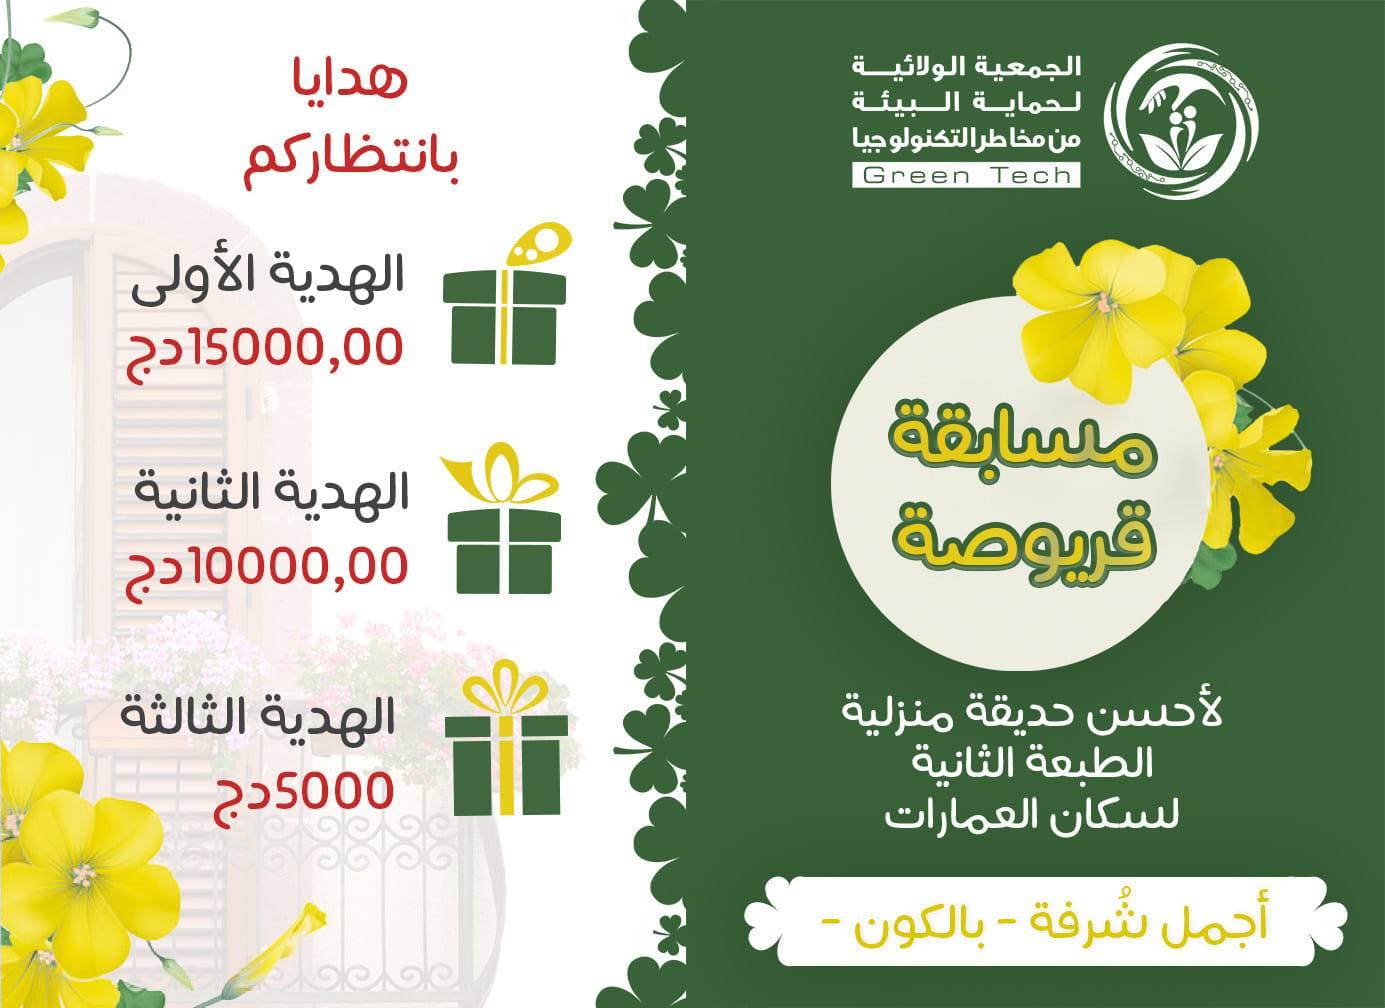 مسابقة قريوصة لأجمل شرفة خضراء - الطبعة الثانية - Green Tech الجمعية الولائية لحماية البيئة من مخاطر التكنولوجيا